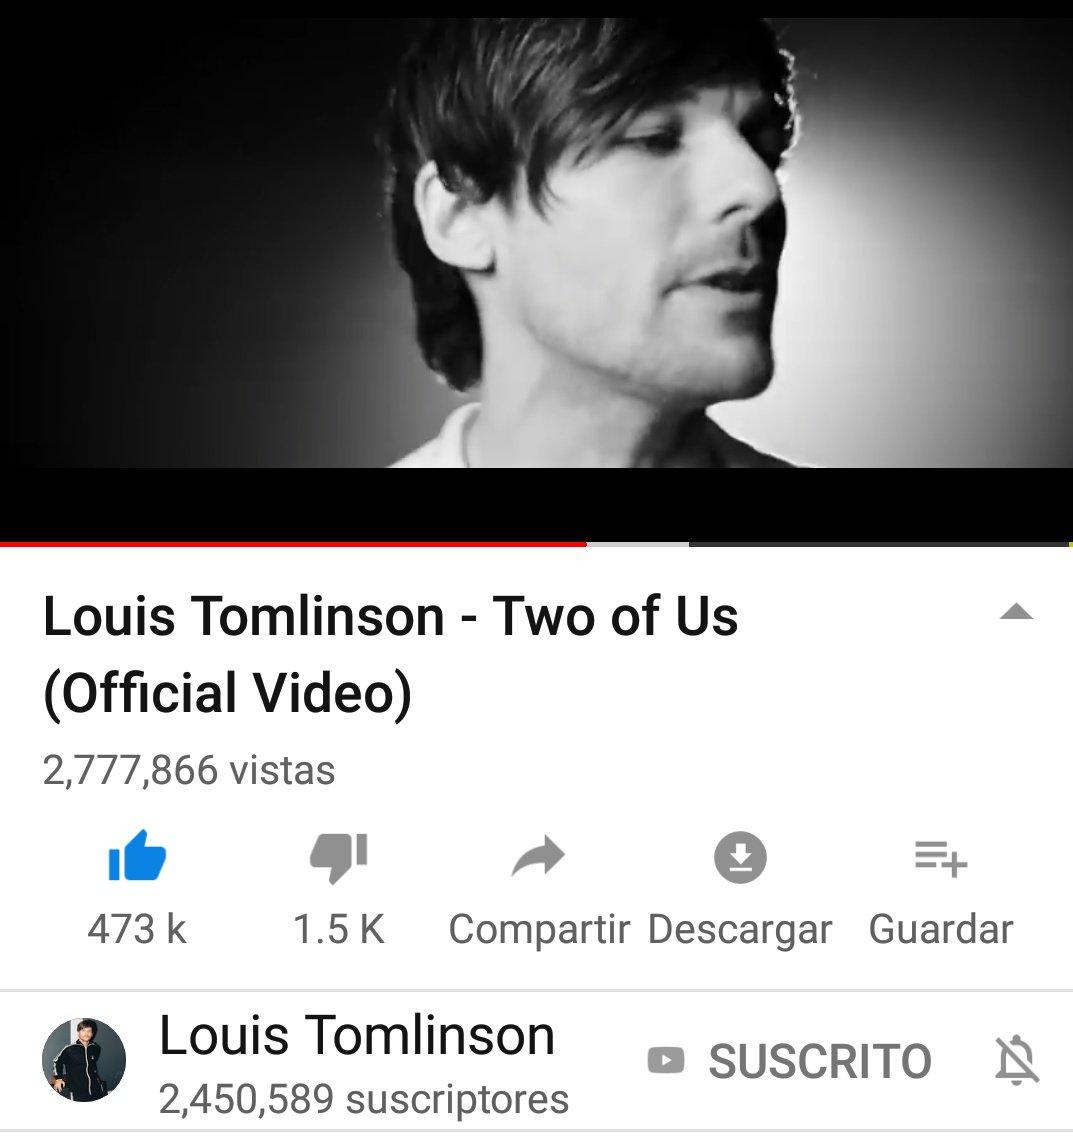 📣   Cuarto día del vídeo oficial de Two Of Usy ya son 2.7M👏 visitas: 2,777,866 Suscritores:2,450,589 (Faltan 98.3M para la meta🏅) @Louis_Tomlinson @LTHQOfficial #TwoOfUsMusicVideo